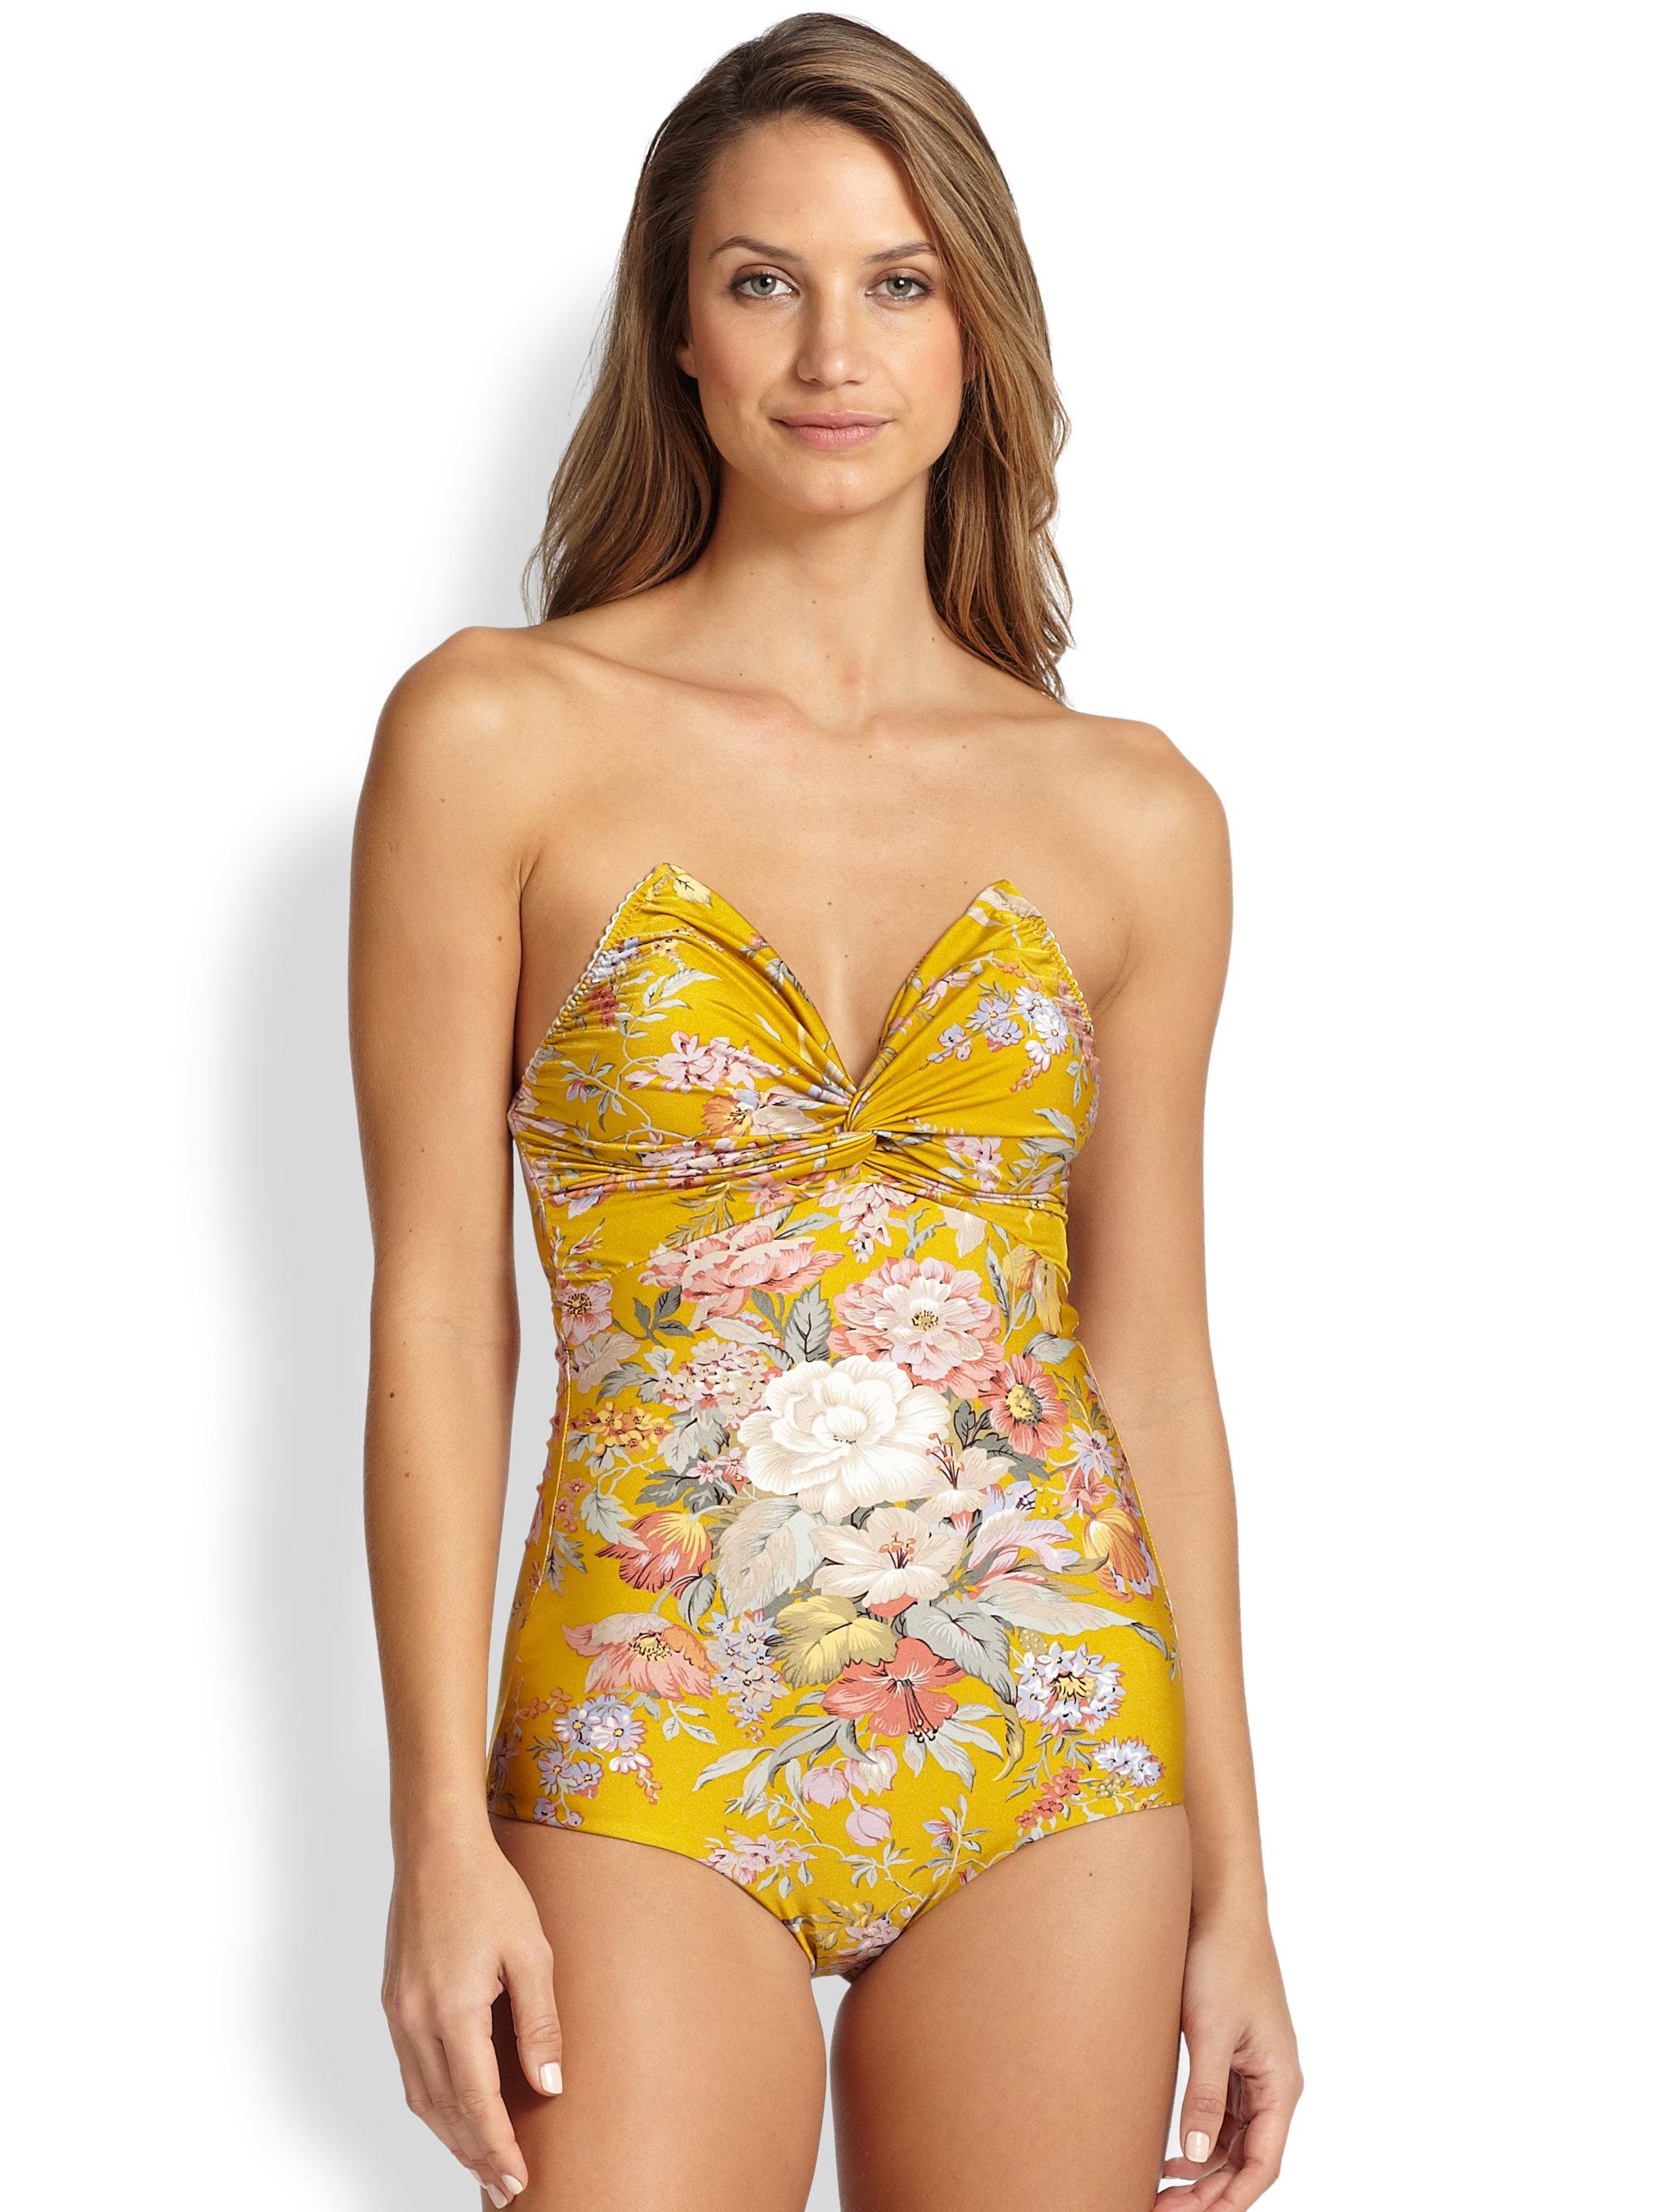 Lyst Zimmermann One Piece Confetti Twist Swimsuit In Yellow